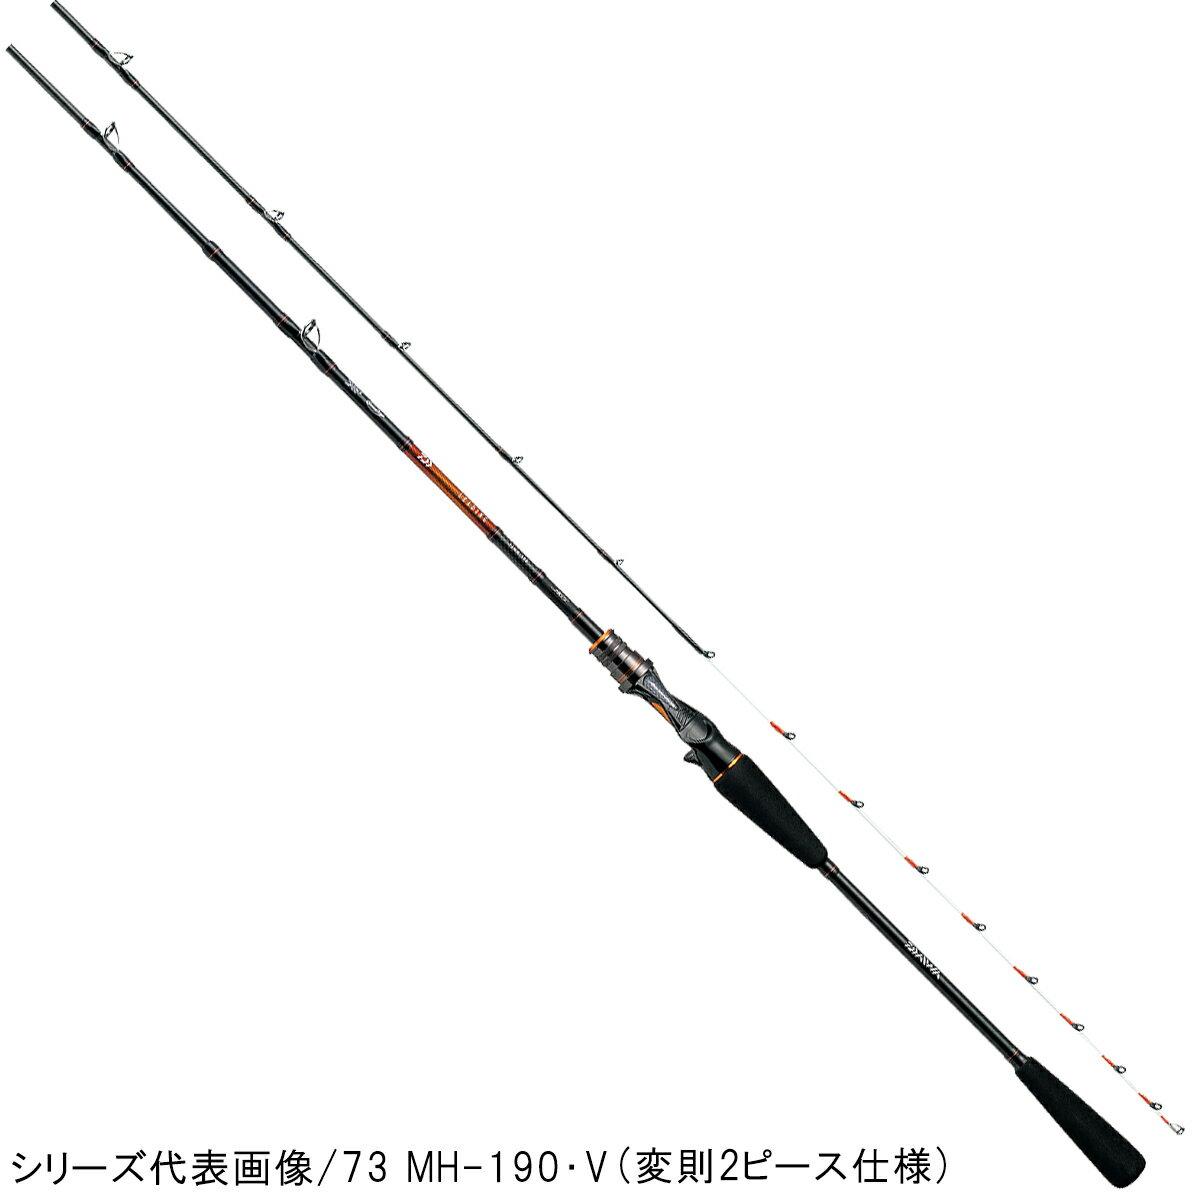 ダイワ リーディング 64 S-190・V【送料無料】